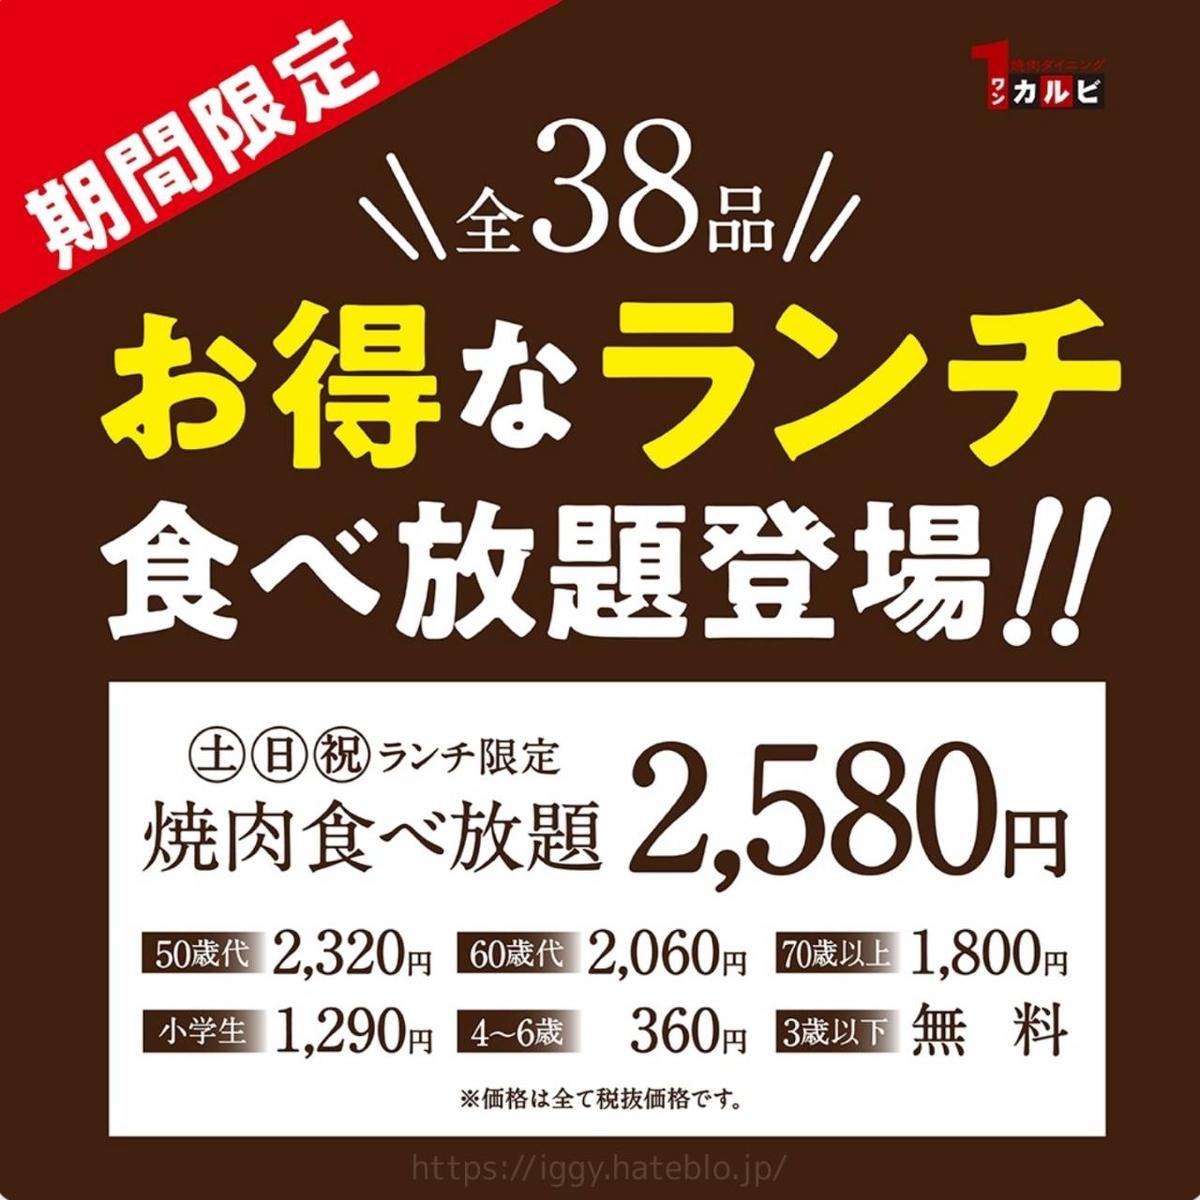 【ワンカルビ】お得なランチメニュー!38品食べ放題コース(2580円)【期間限定】